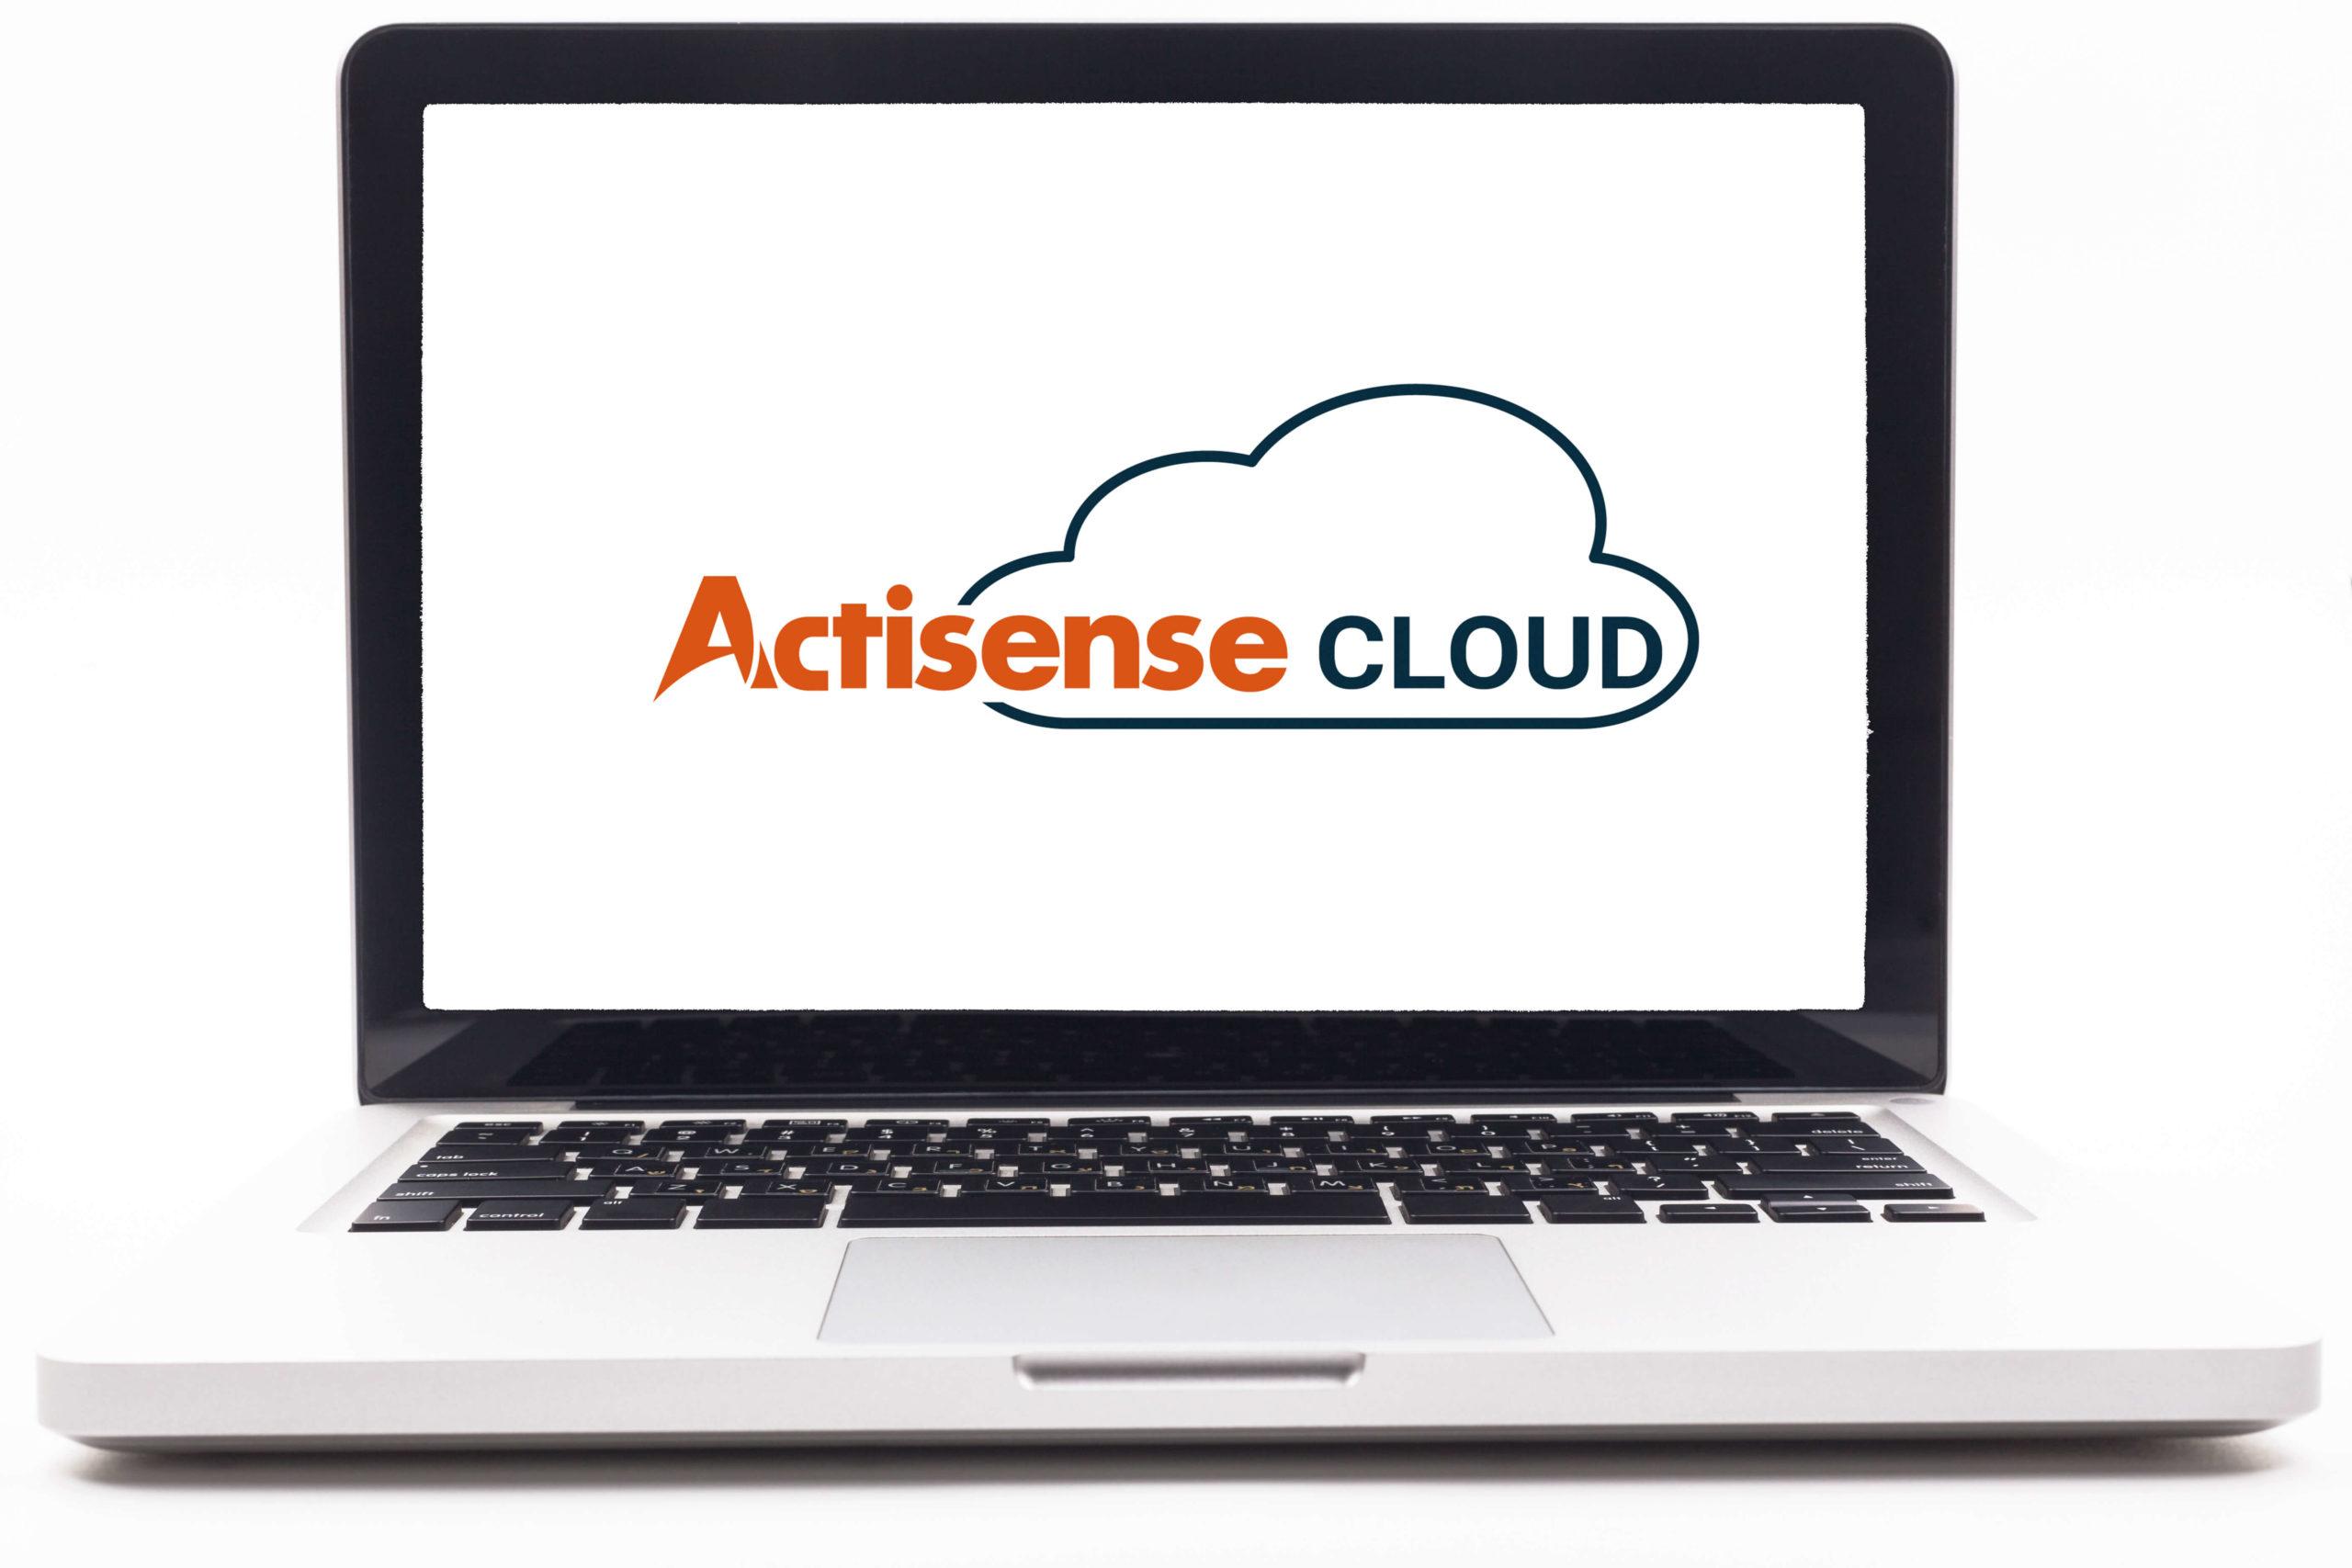 Actisense Cloud logo on laptop screen